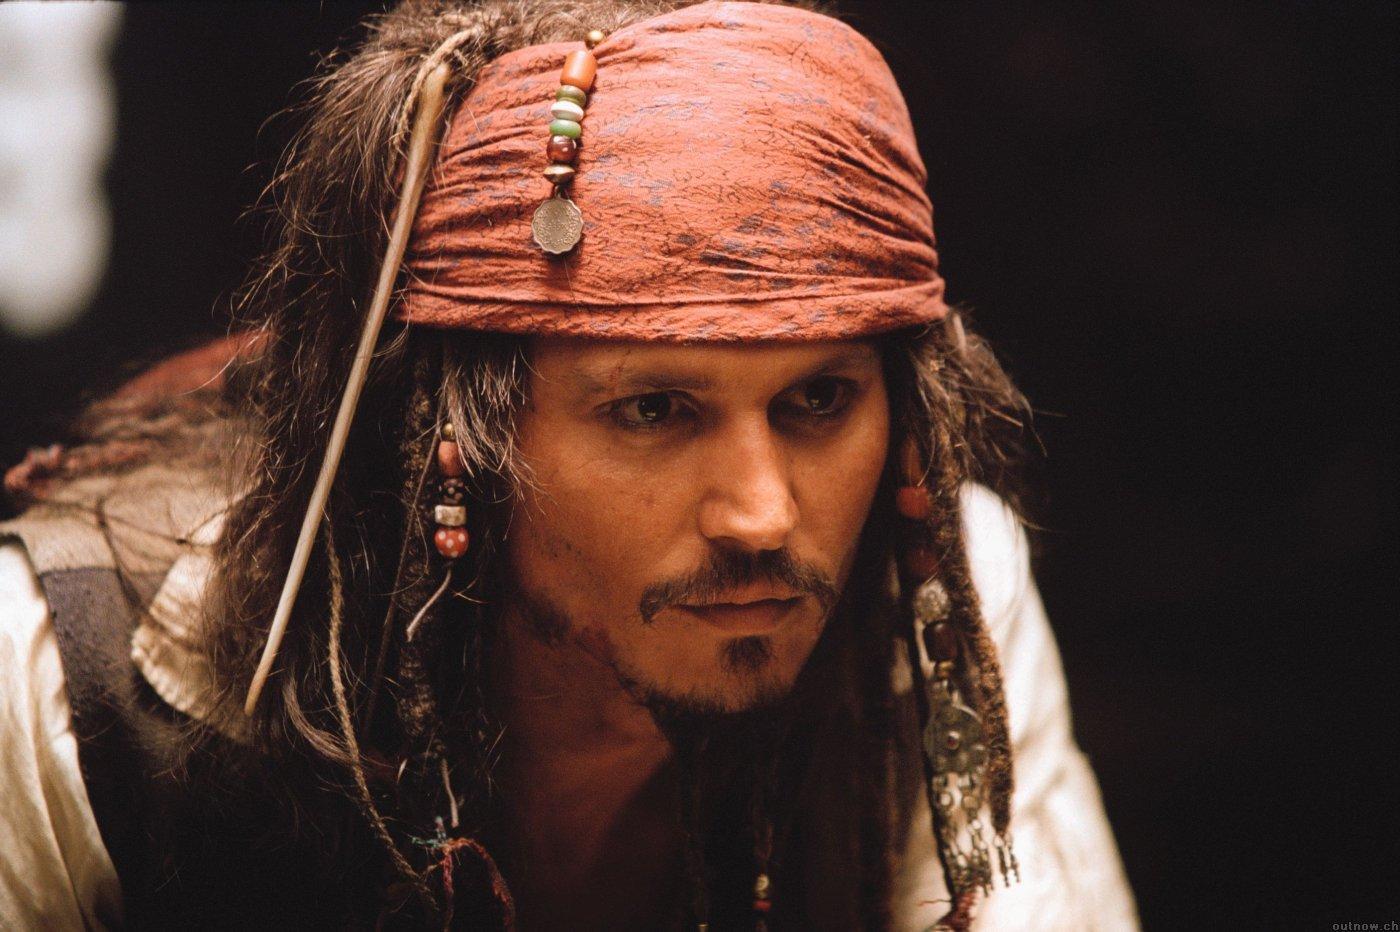 10242 скачать обои Кино, Люди, Актеры, Мужчины, Пираты Карибского Моря (Pirates Of The Caribbean), Джонни Депп (Johnny Depp) - заставки и картинки бесплатно